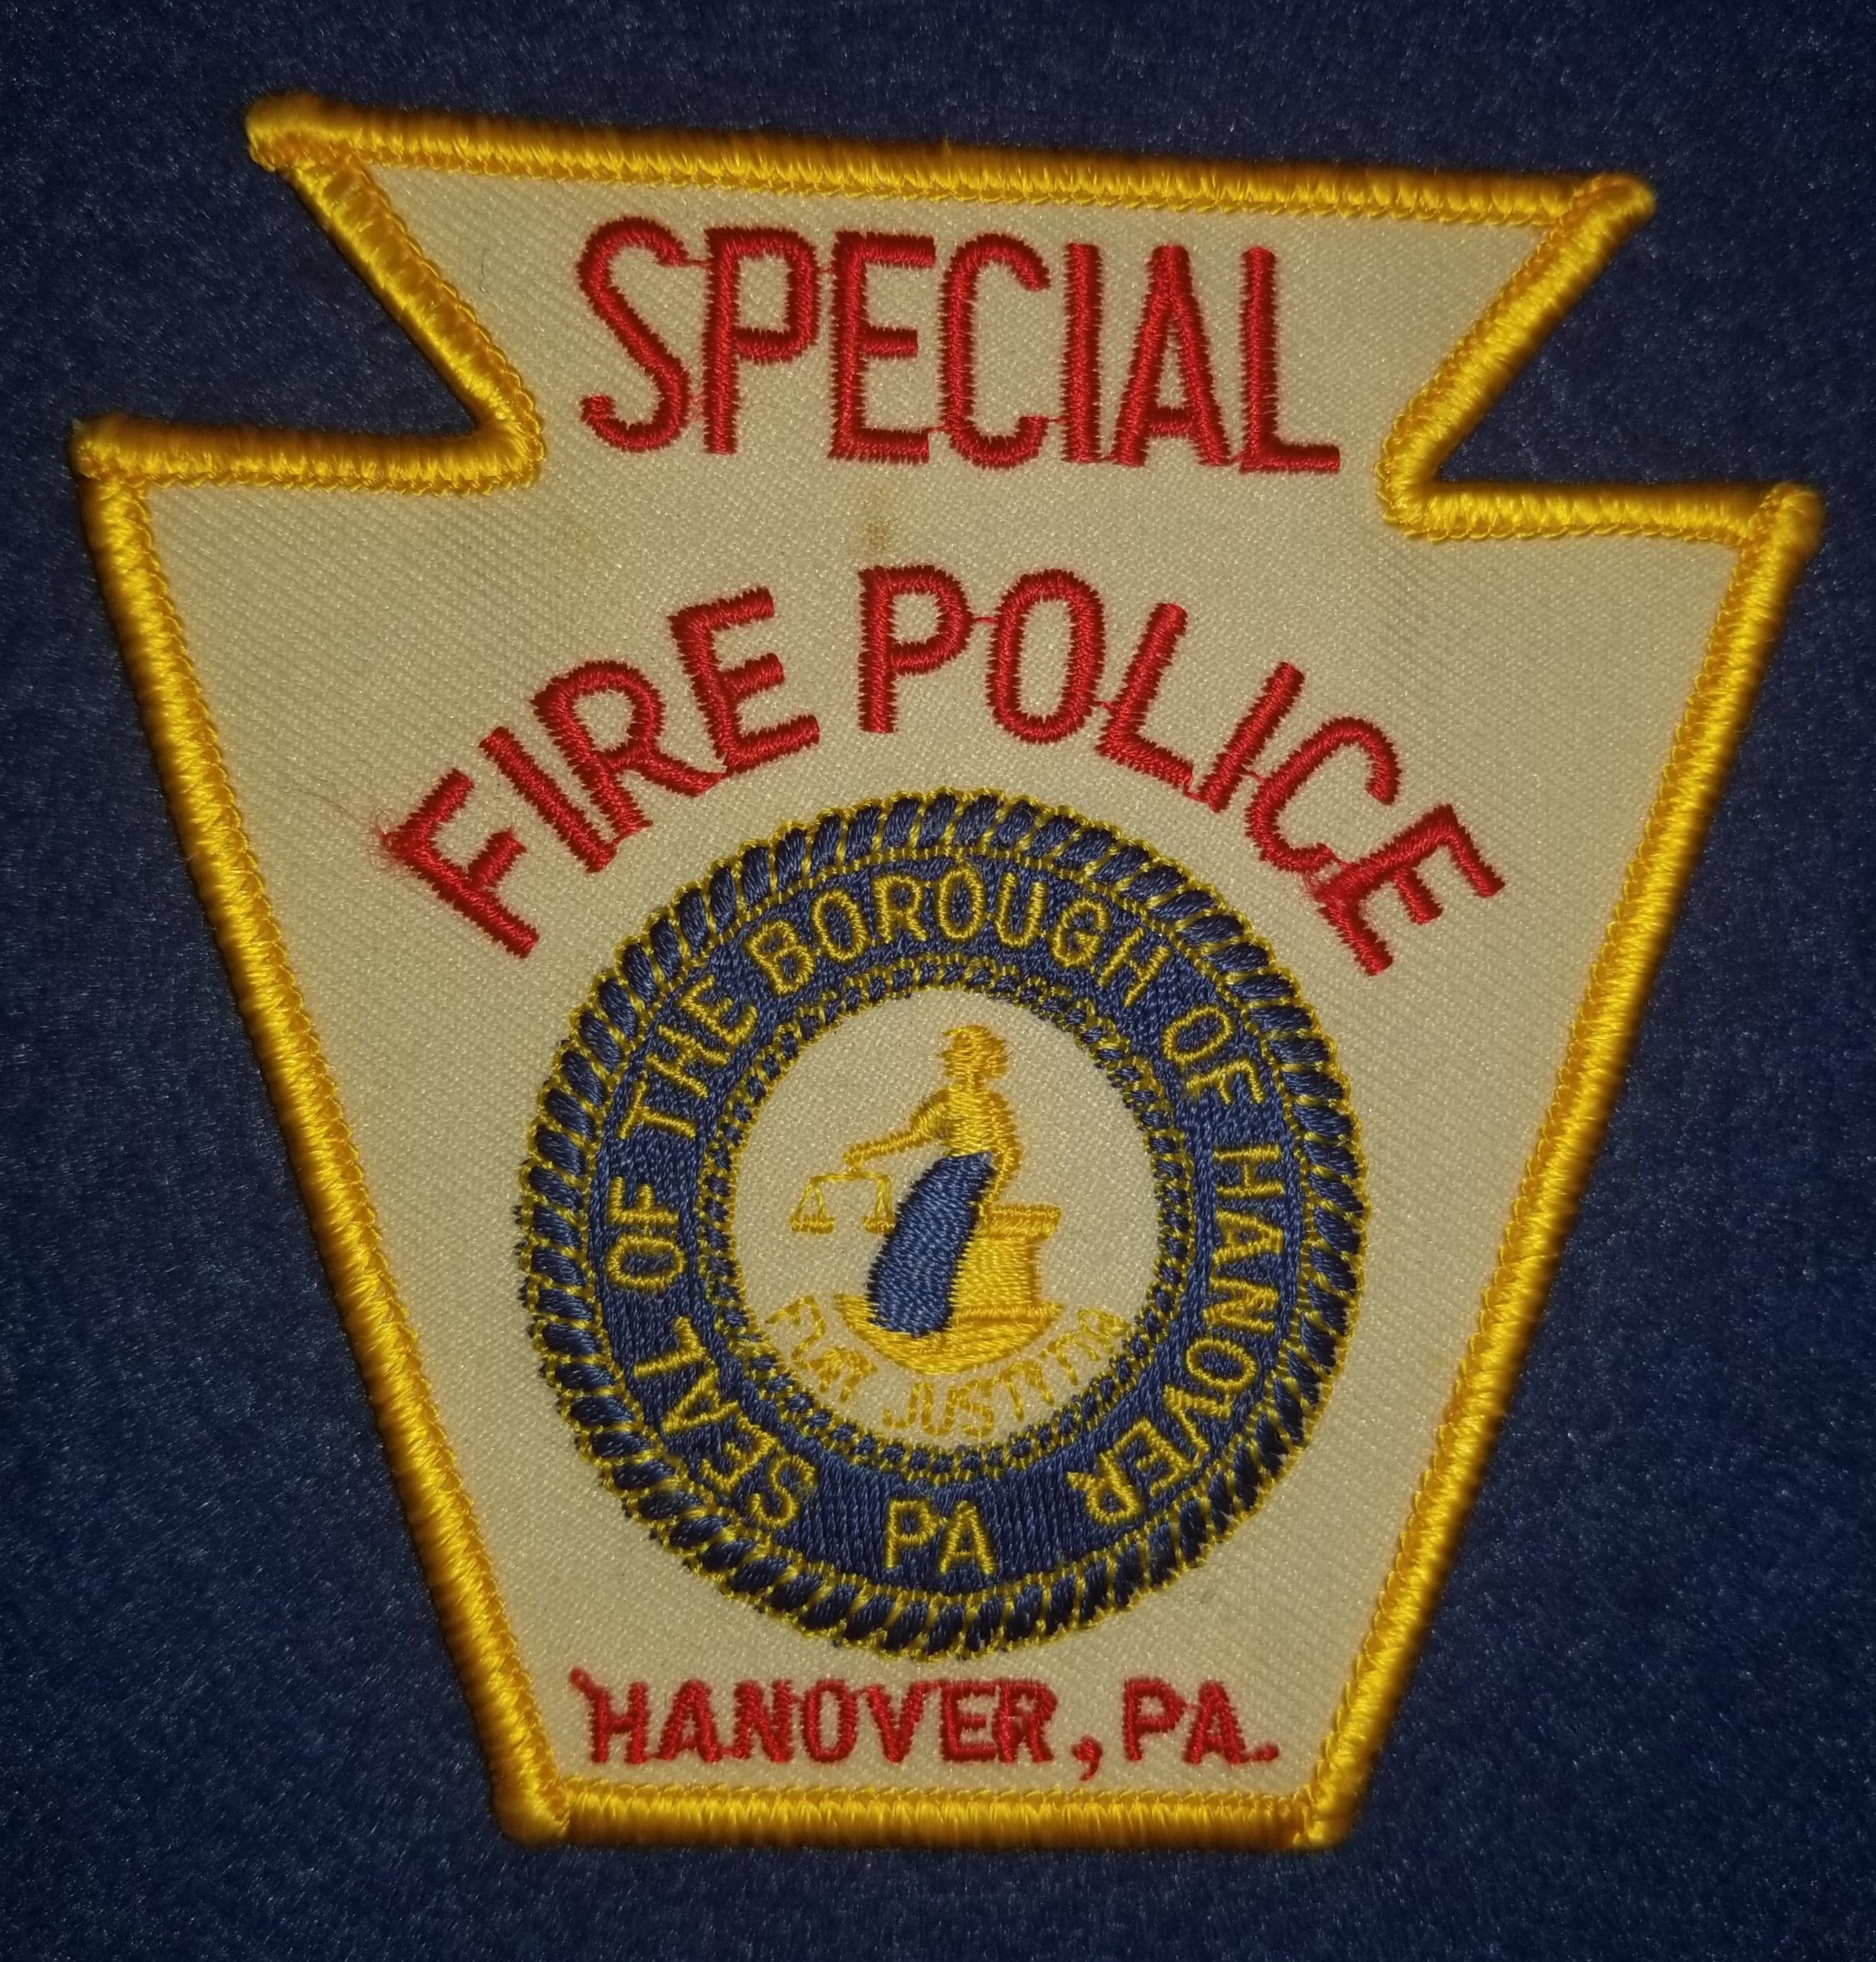 Hanover Borough Fire Police PA